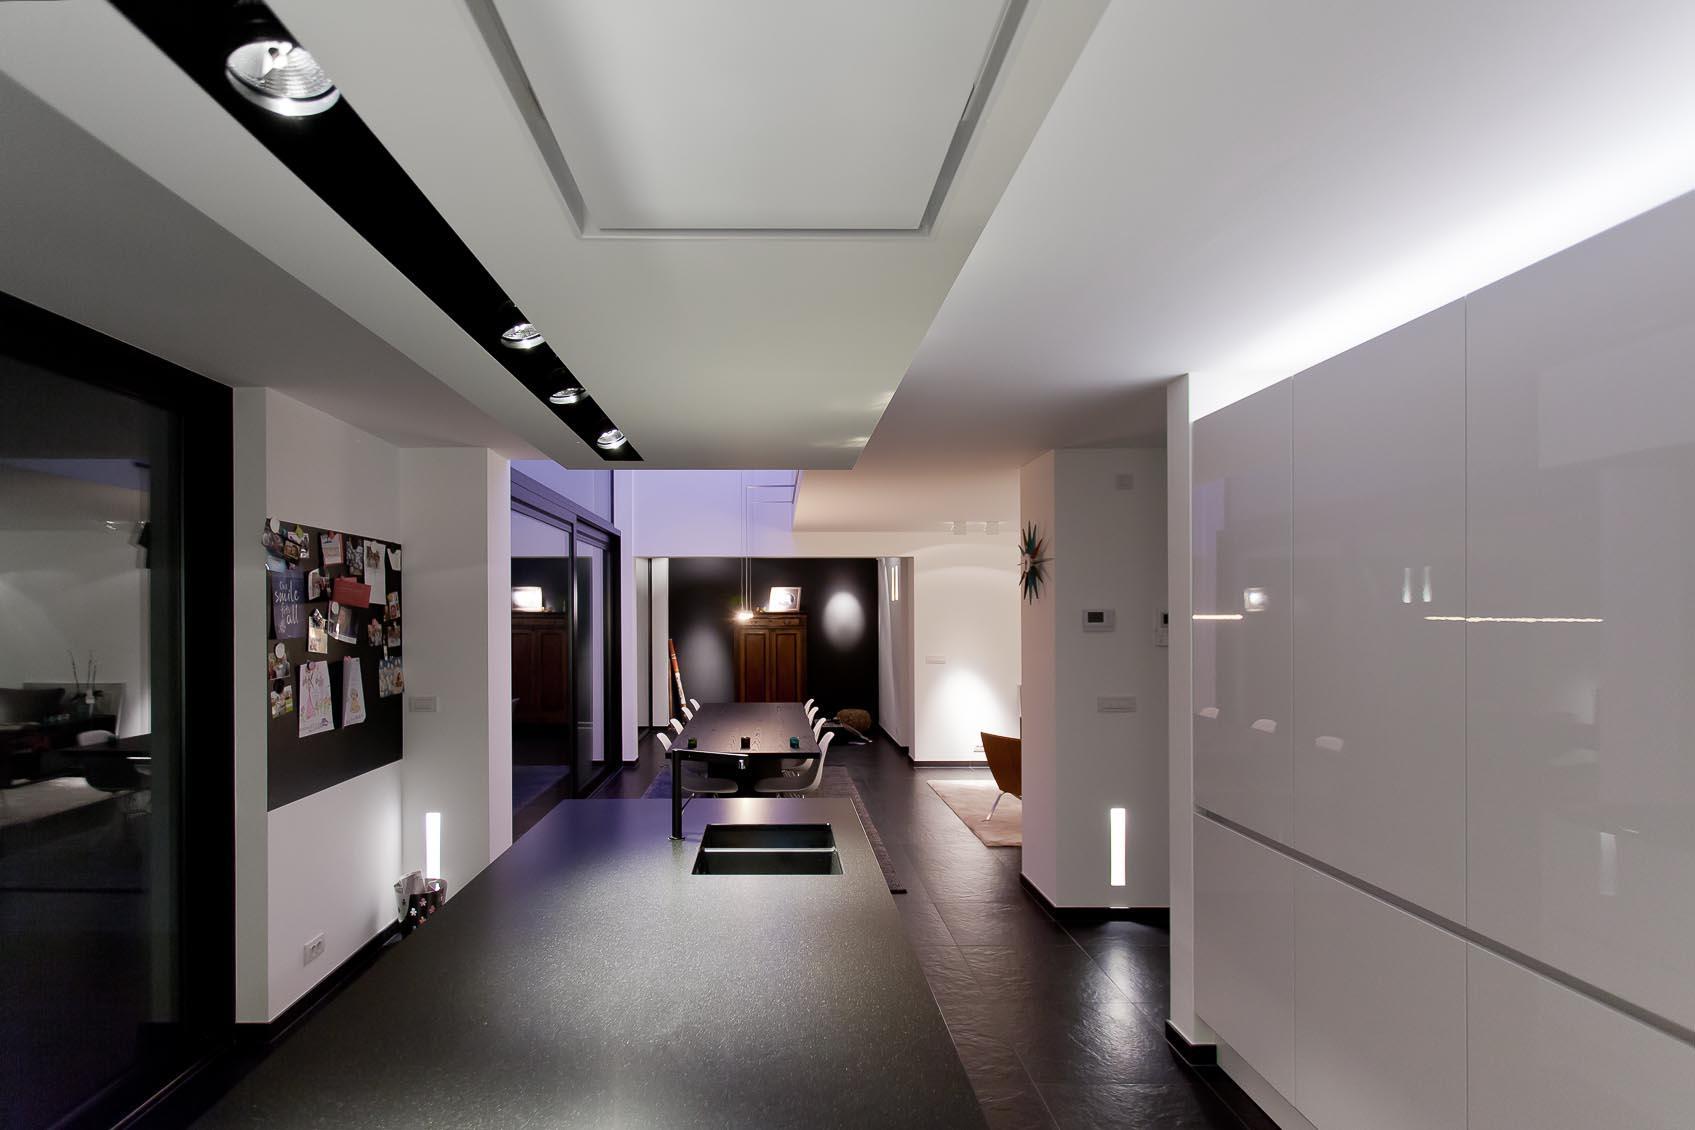 als lichtarchitect maakten wij voor deze architecturale woning een bijzonder totaal lichconcept